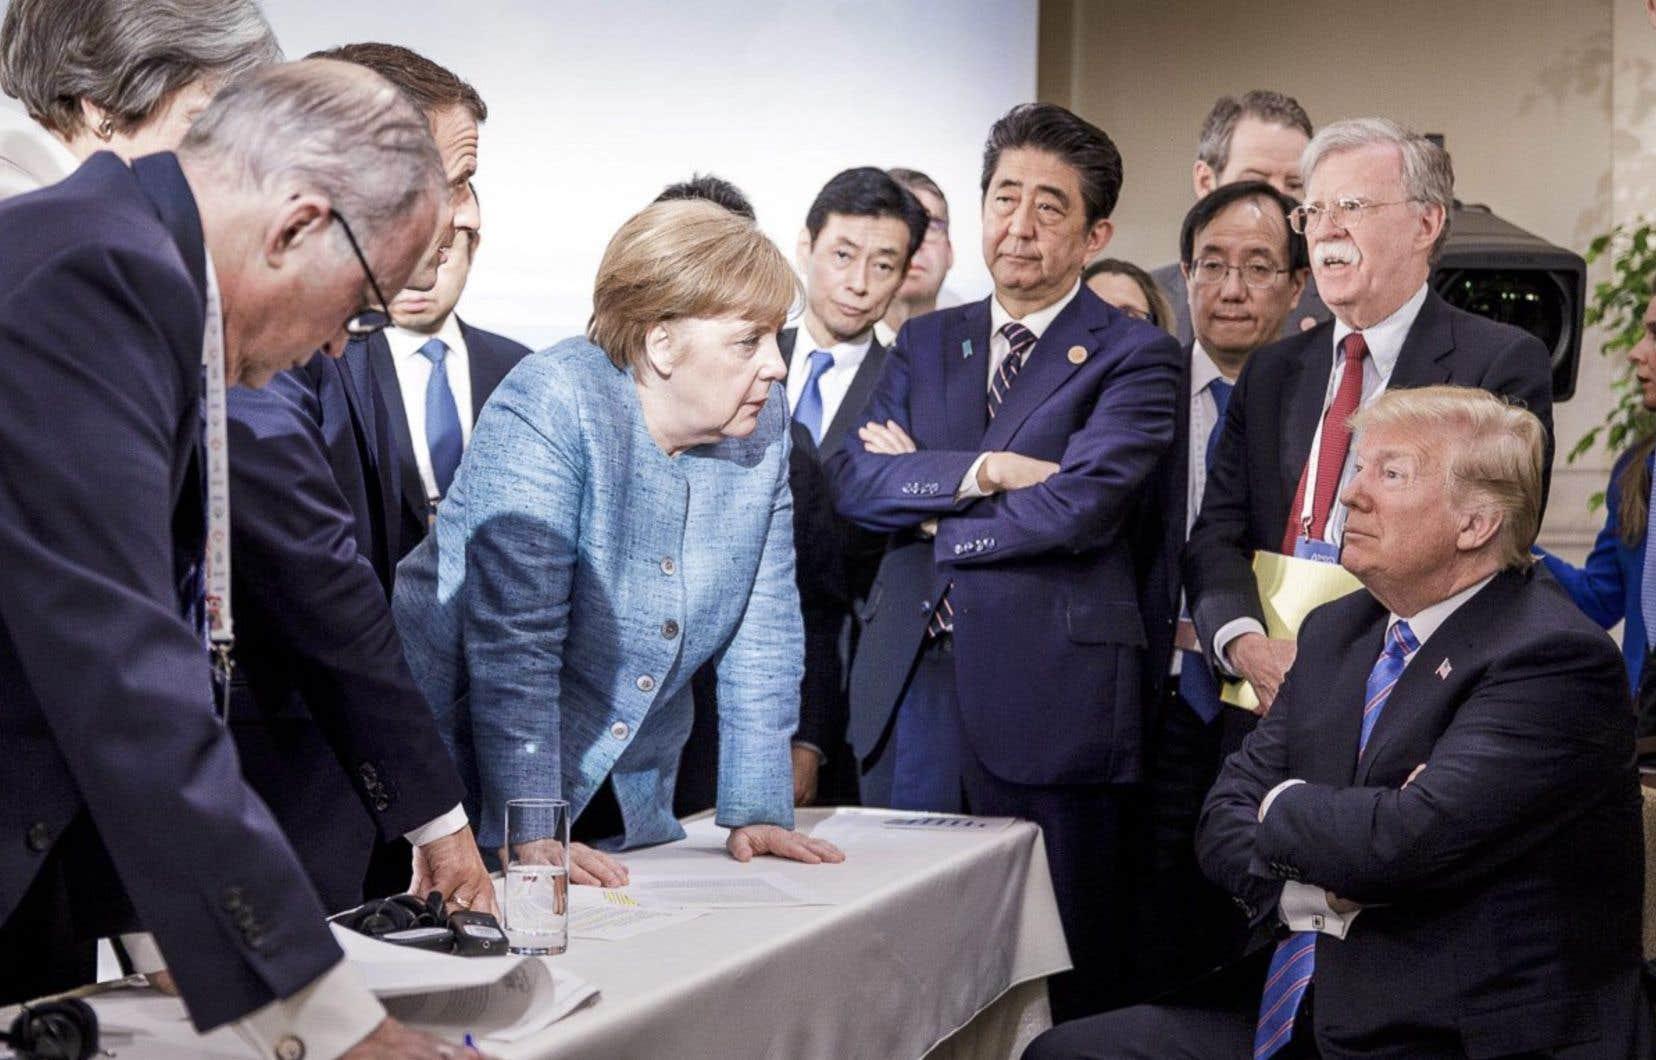 Dans cette image divulguée par le gouvernement allemand, la chancelière Angela Merkel s'adresse au président Donald Trump, assis, lors du sommet du G7 à La Malbaie, samedi.